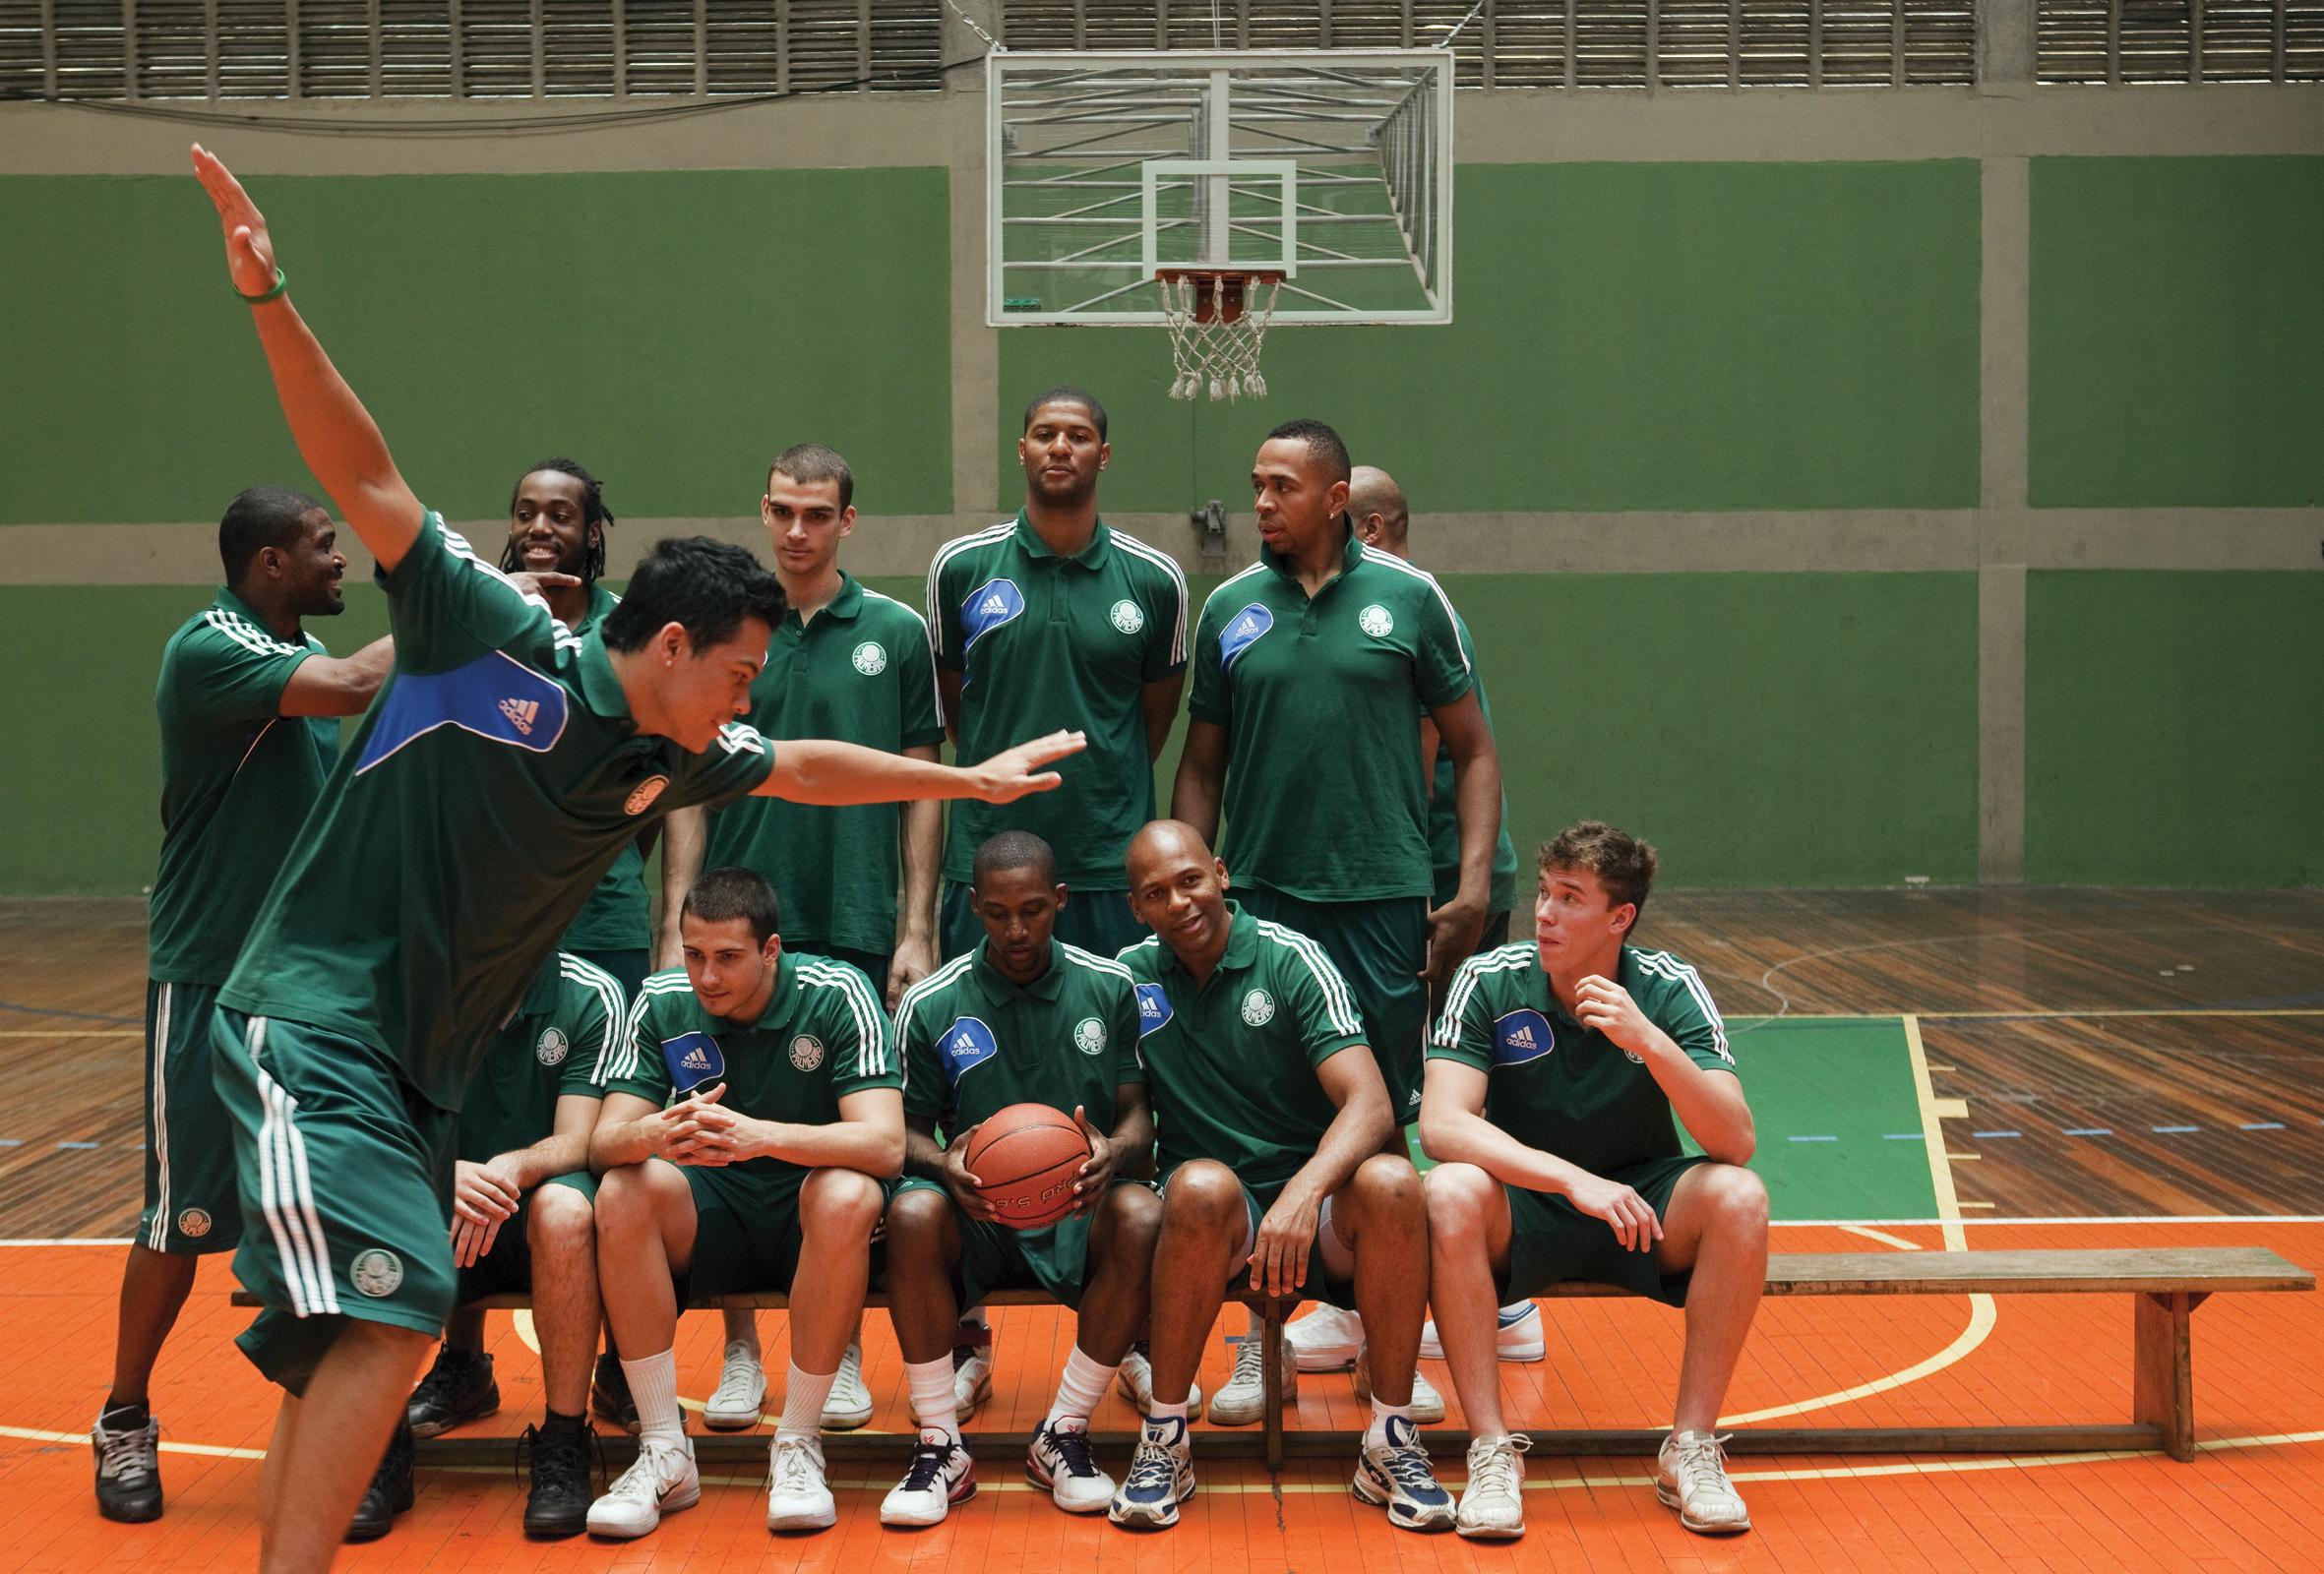 Elenco de basquete do Palmeiras em 2013: treinamento baseado no perfil genético dos jogadores melhorou o desempenho da equipe